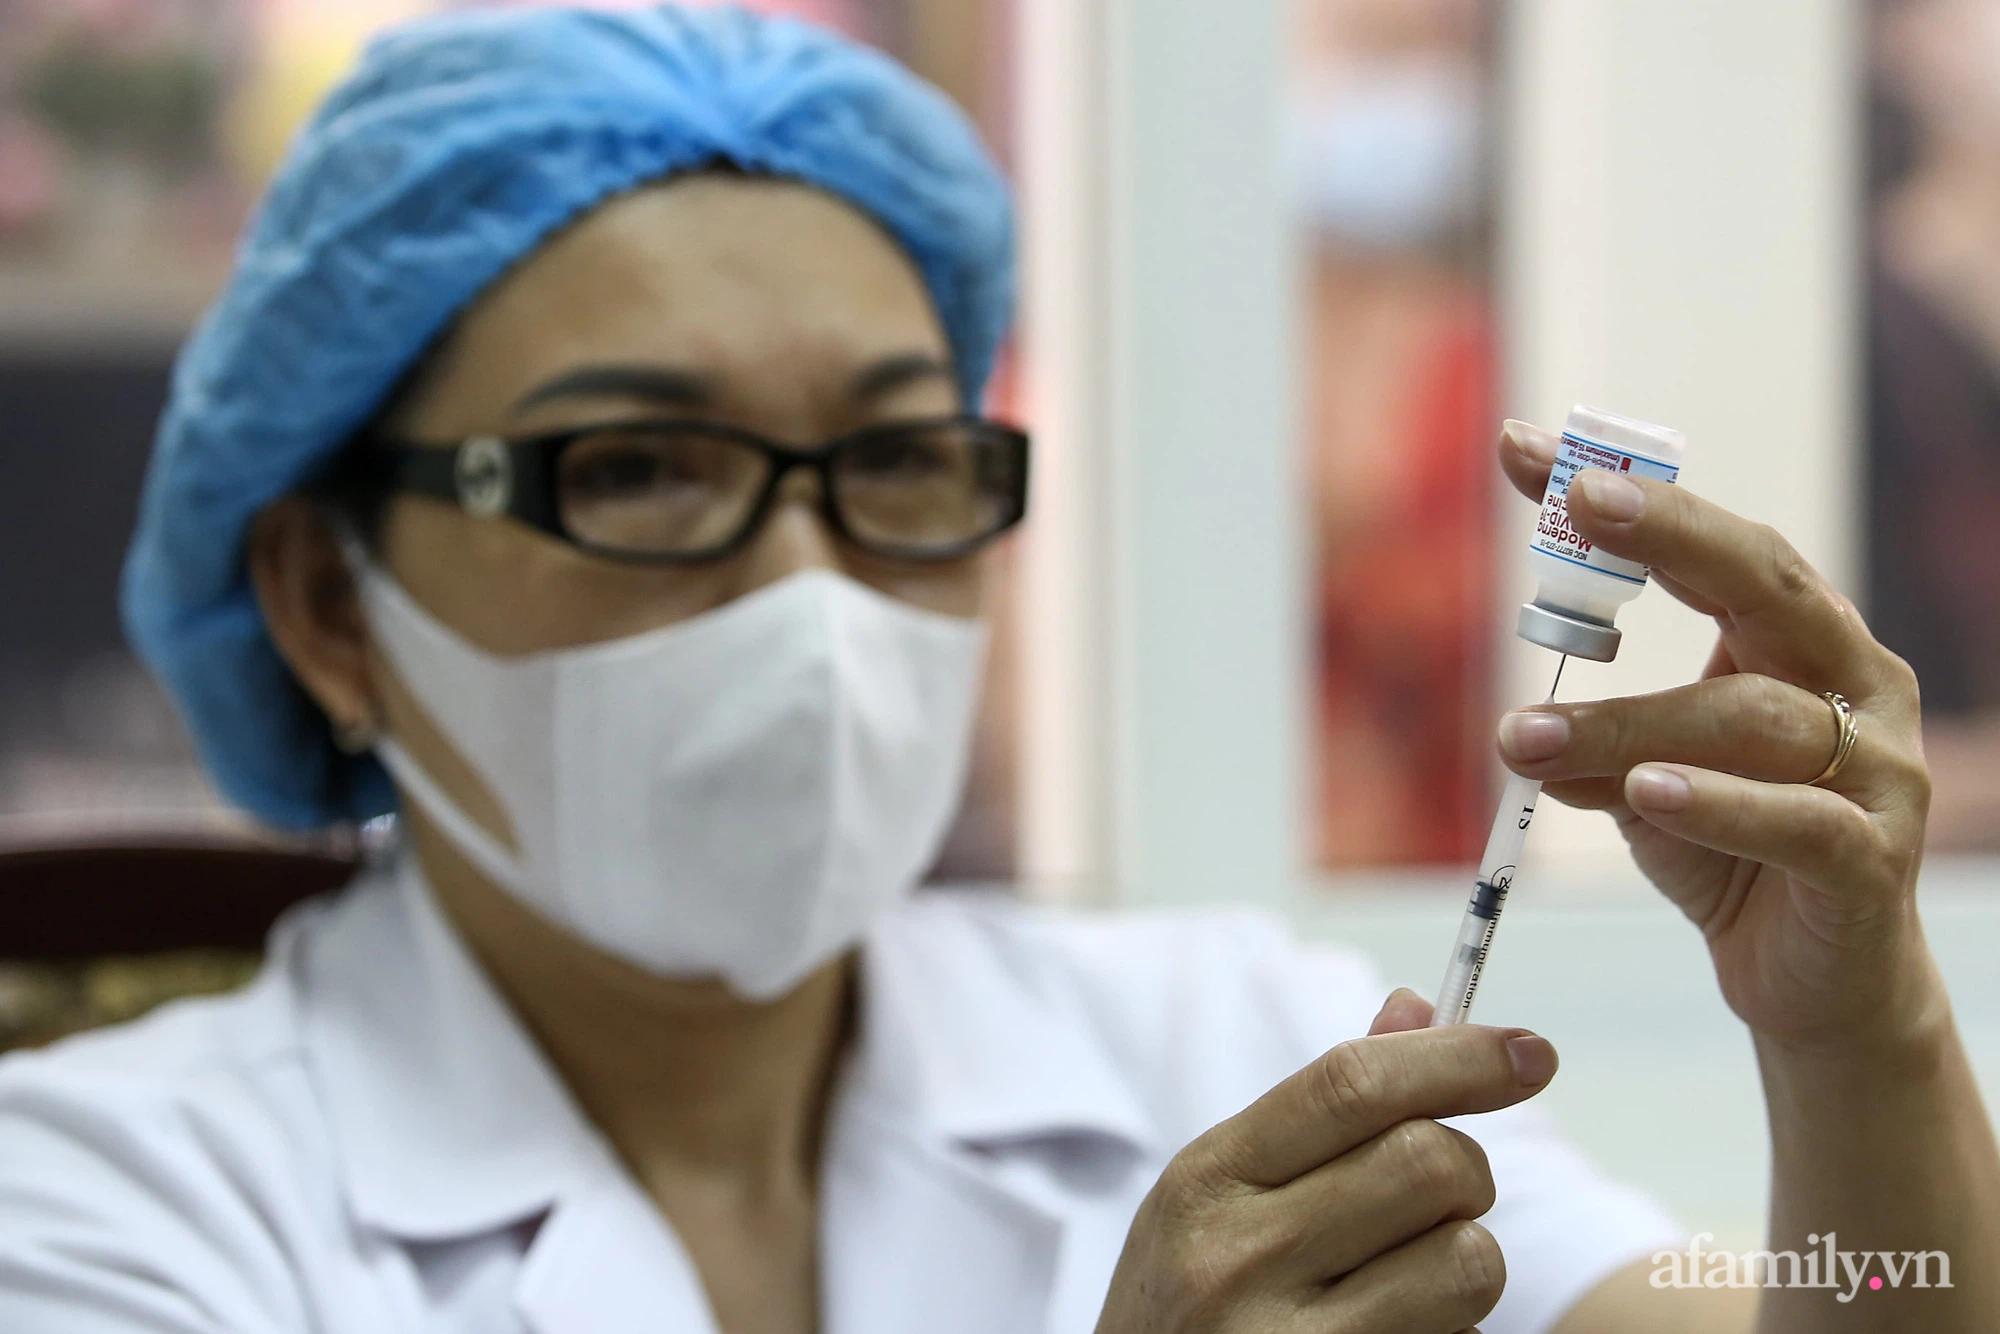 Ngày đầu tiên người dân Hà Nội bắt đầu được tiêm vaccine phòng dịch COVID-19 quy mô lớn nhất lịch sử - Ảnh 10.